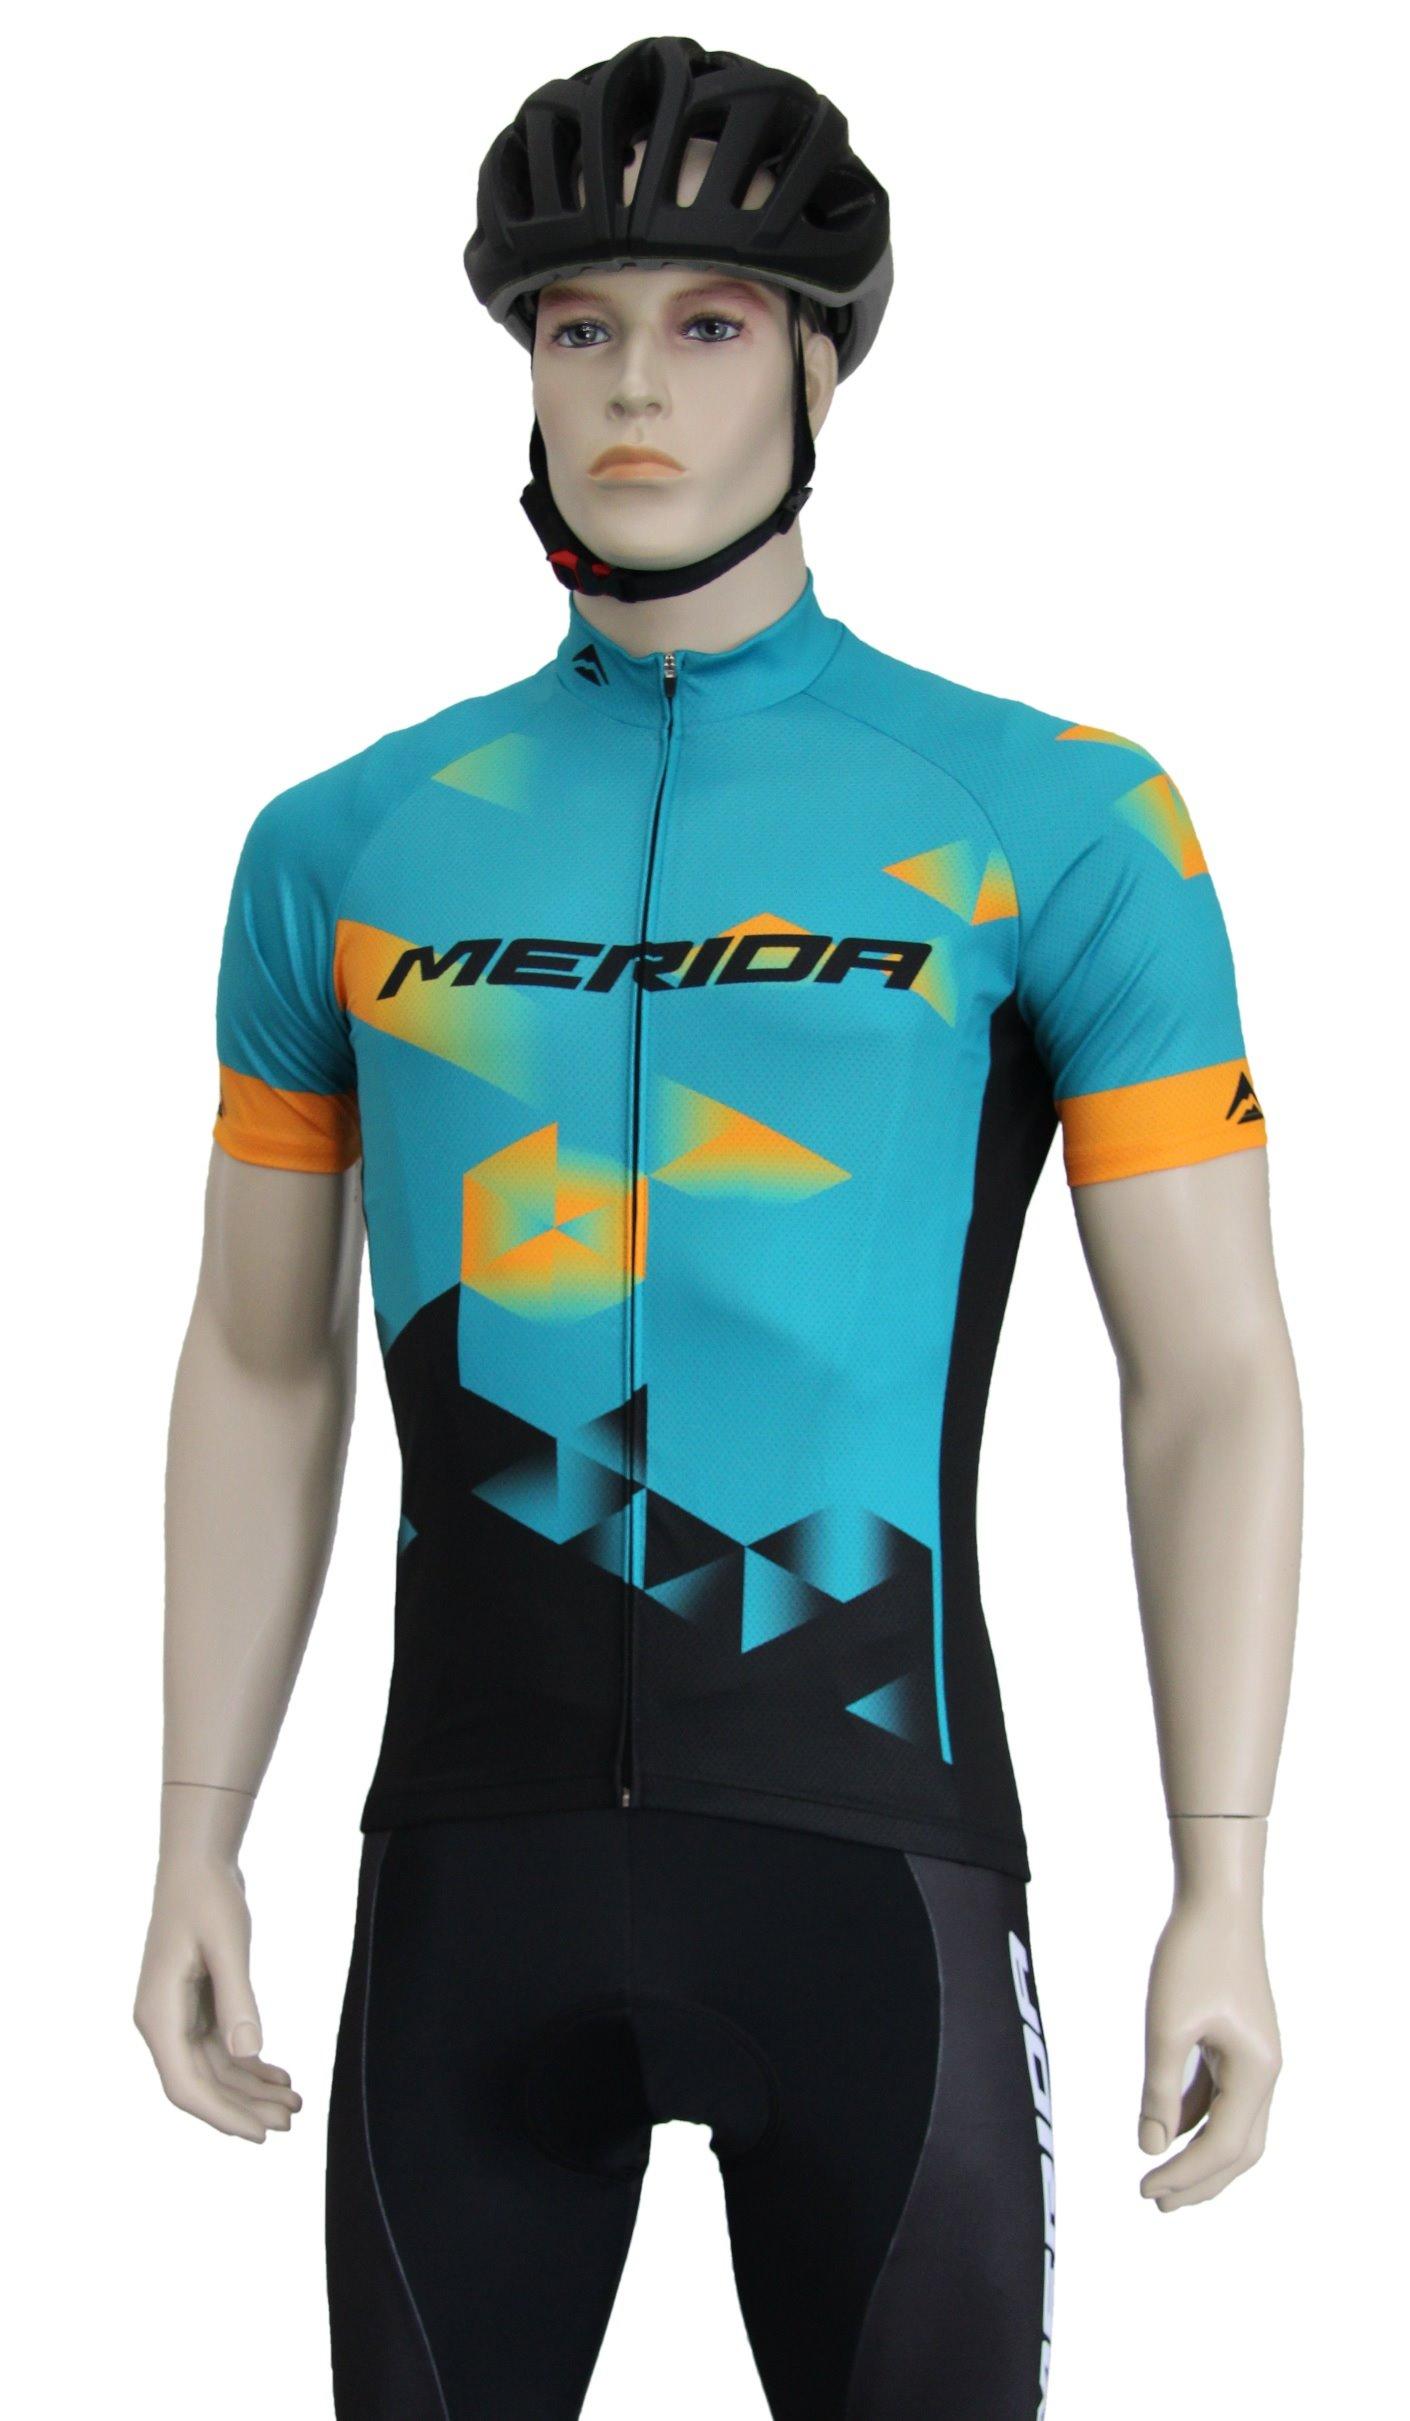 MERIDA - Dres pánský SPORT teal-oranžovo-černý S